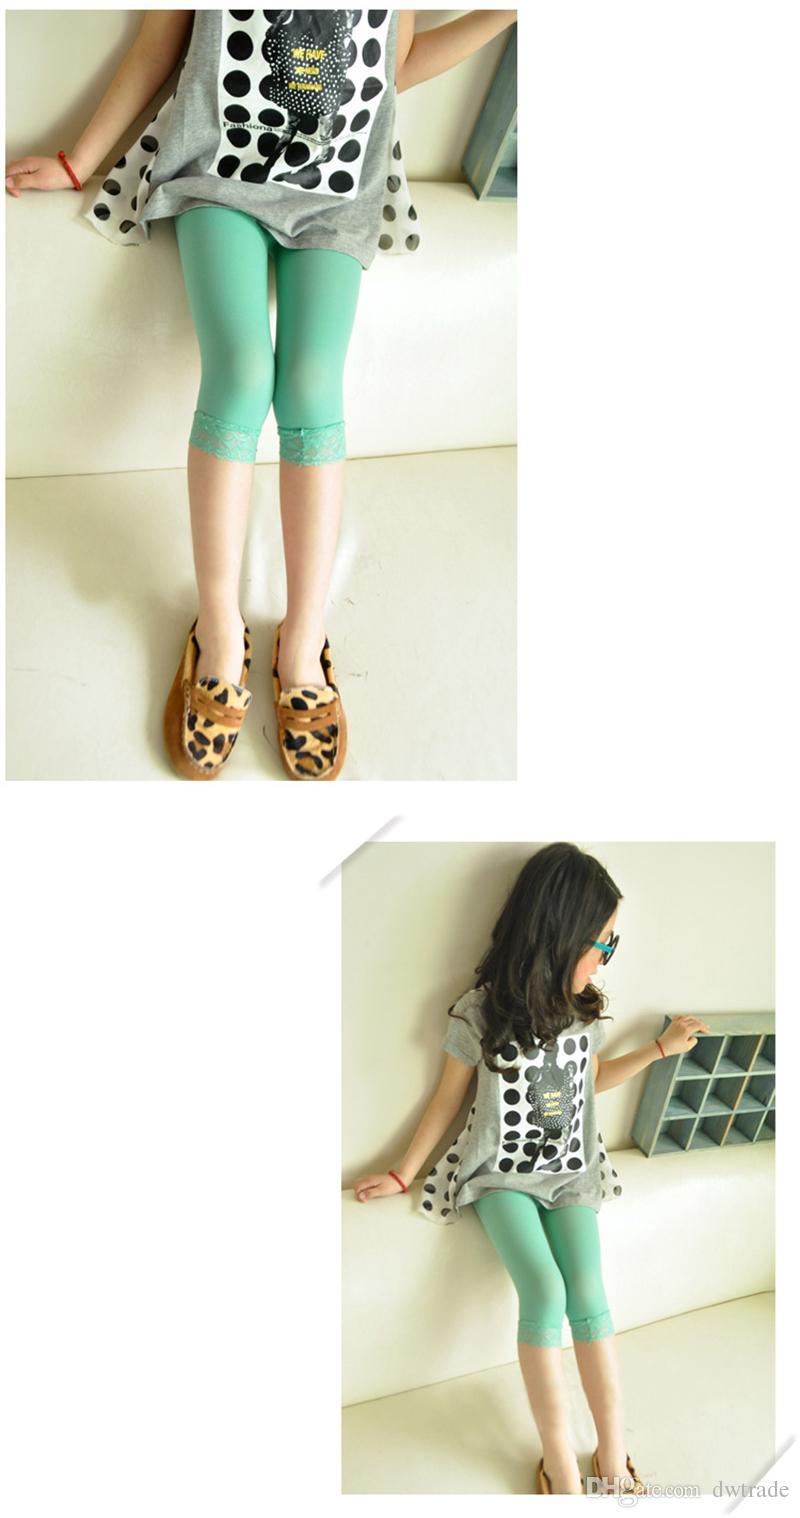 طفلة حلوى لون طماق المخملية الصيف الأطفال أزياء الدانتيل السراويل الضيقة طفل الجوارب بنطلون لطيف الجوارب طماق الطفل